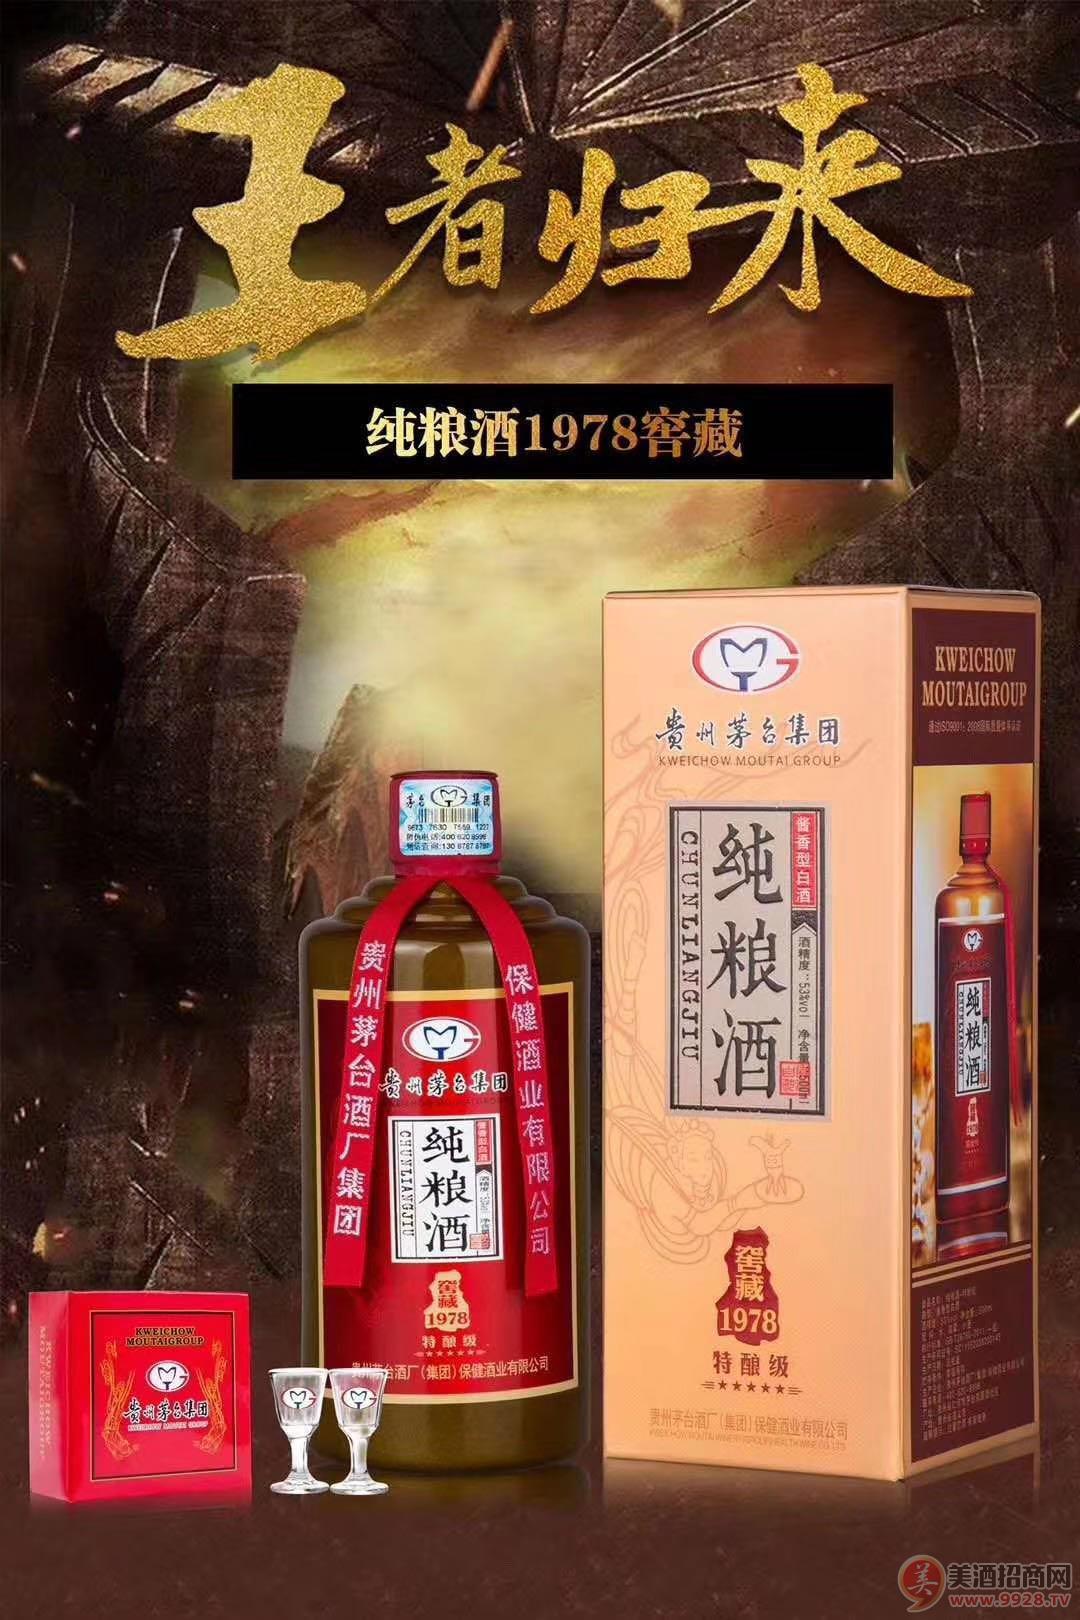 茅台纯粮酒—窖藏1978